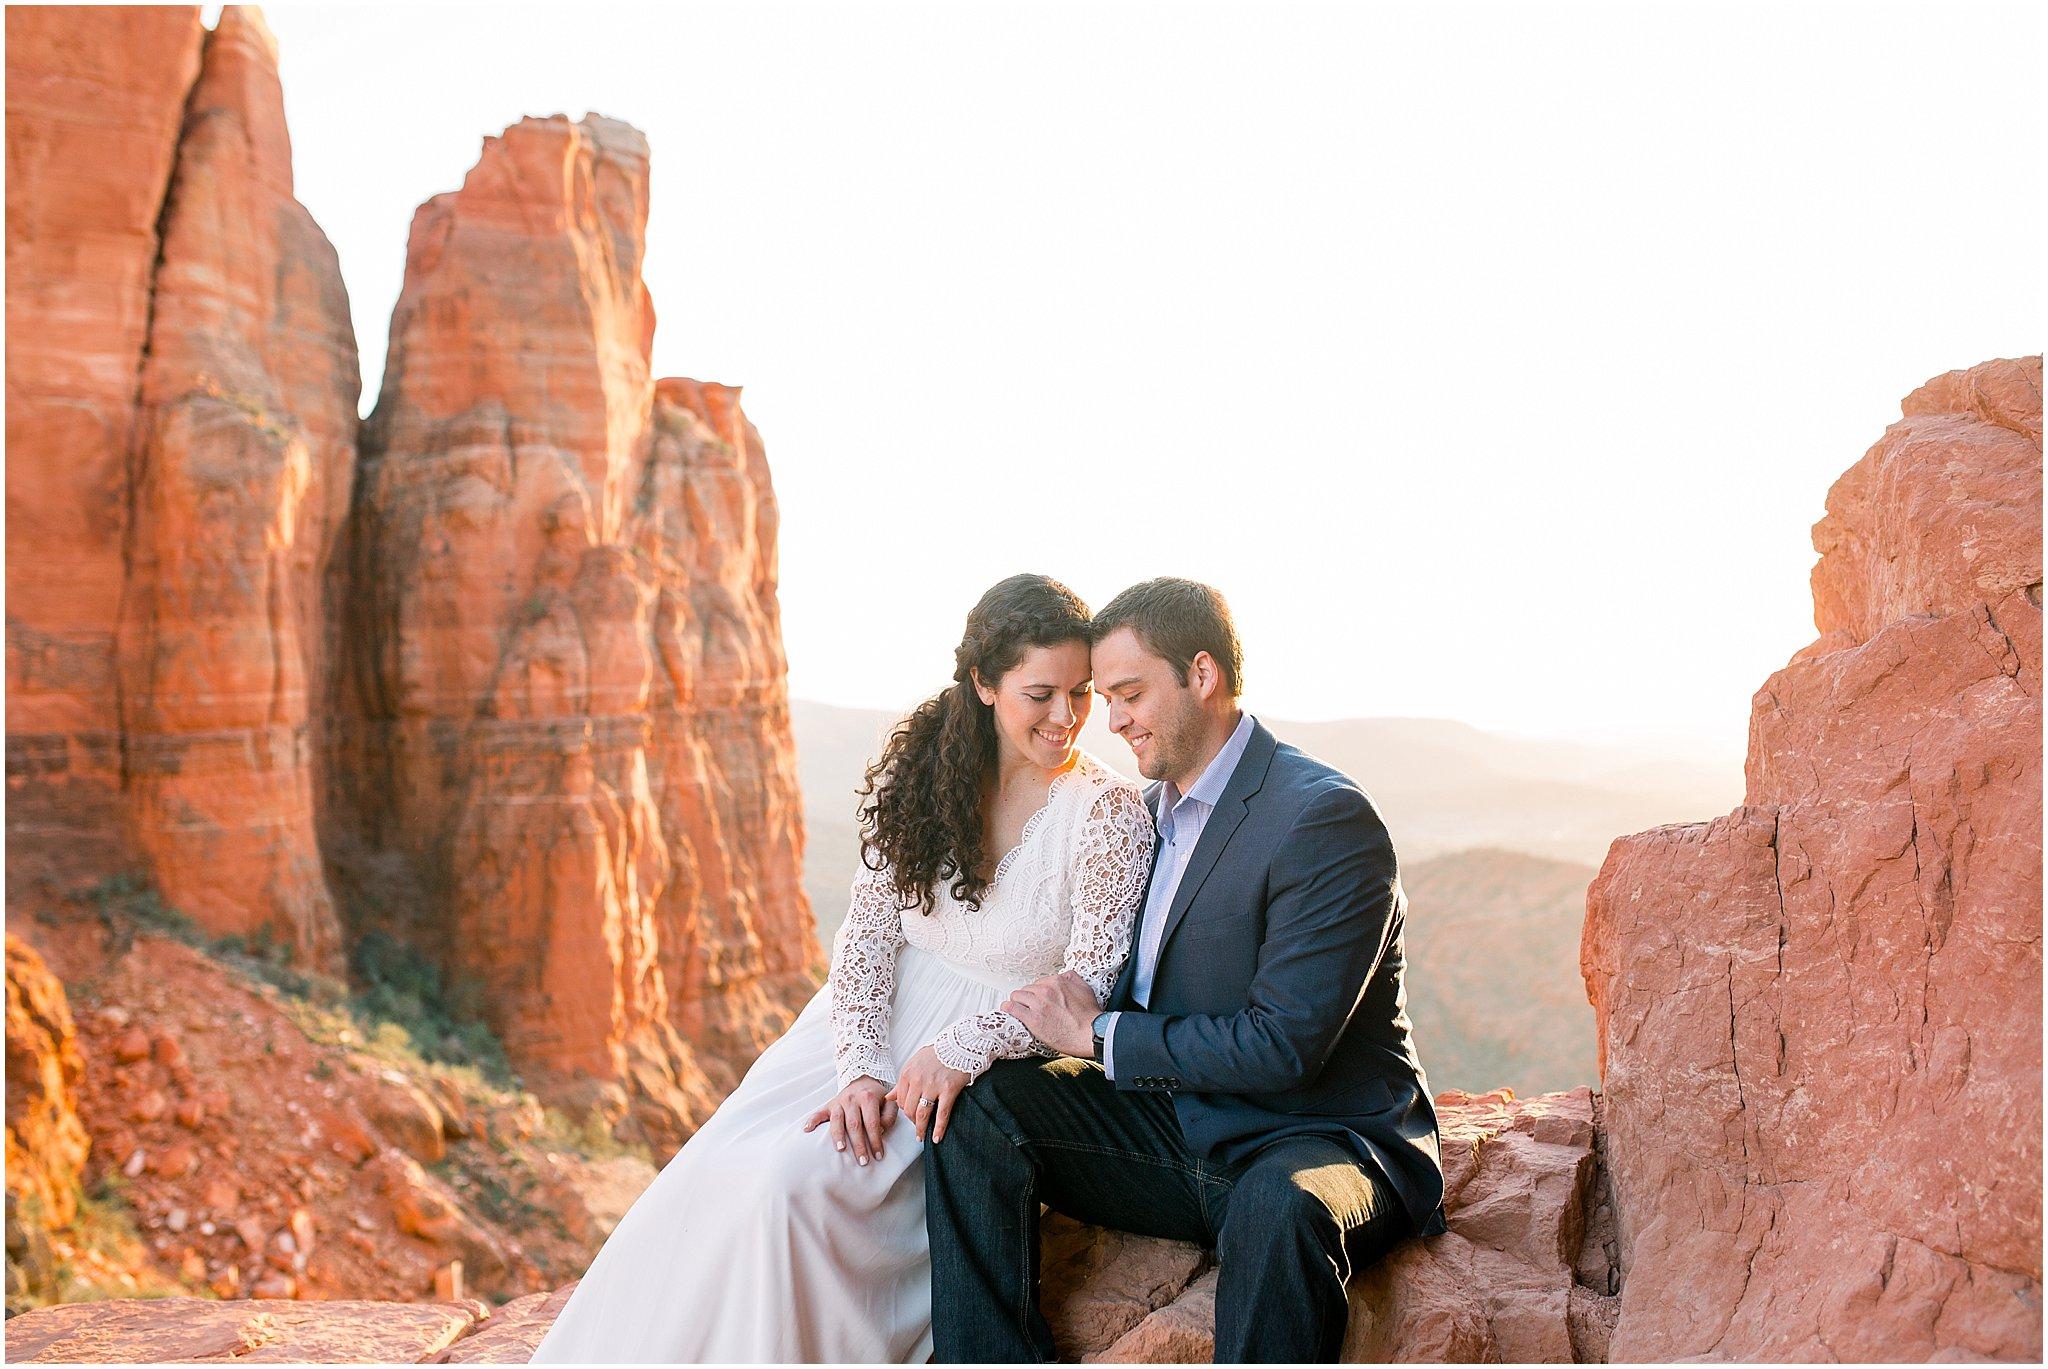 sedona-arizona-engagement-photographer_0027.jpg